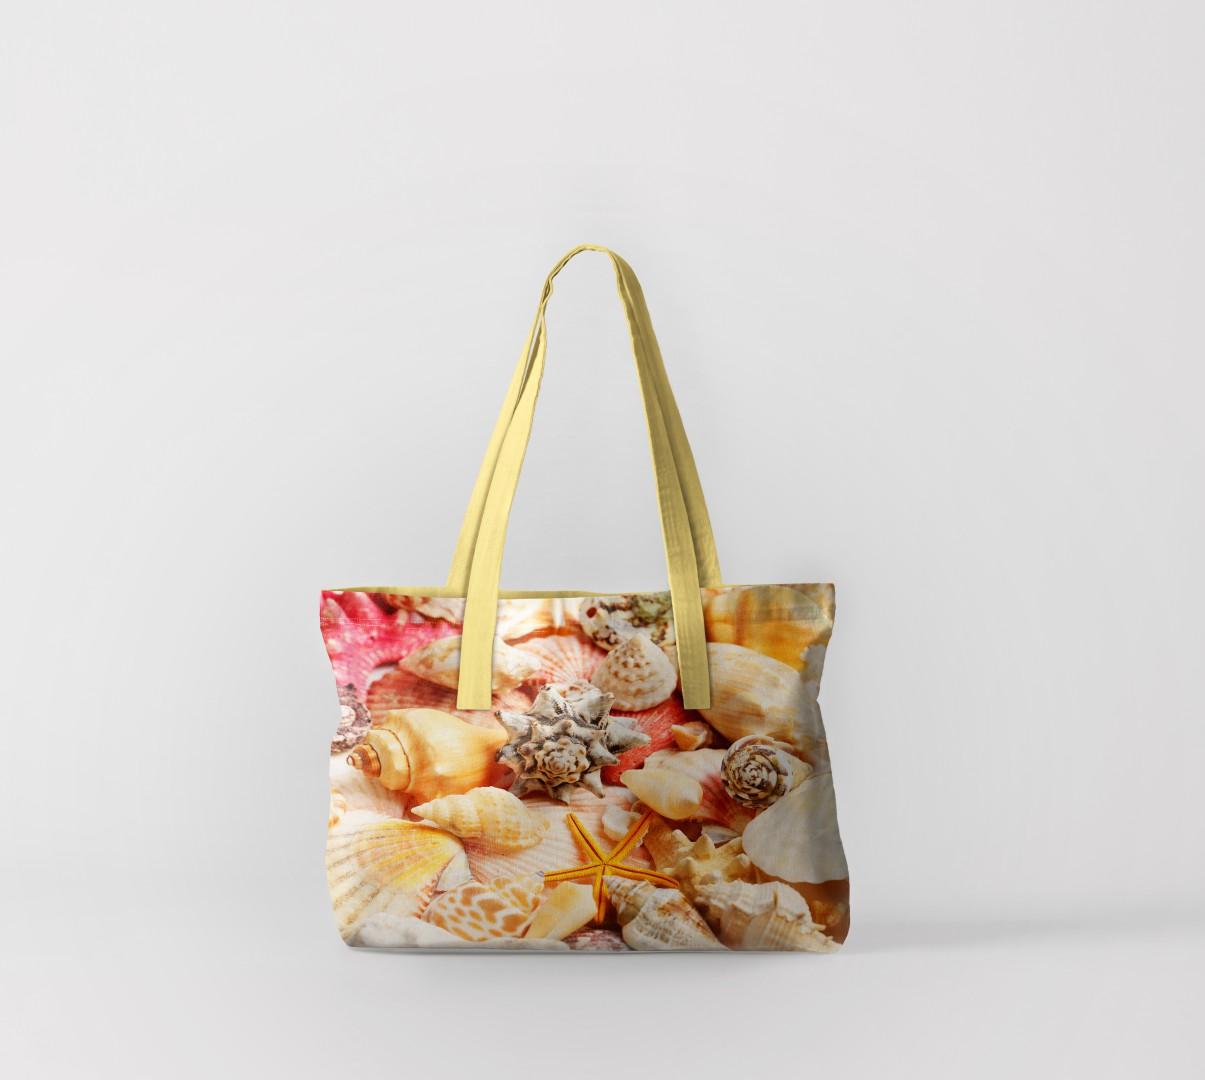 Пляжная сумка Богатство ракушек (50х40 см) Олимп Текстиль oli732557